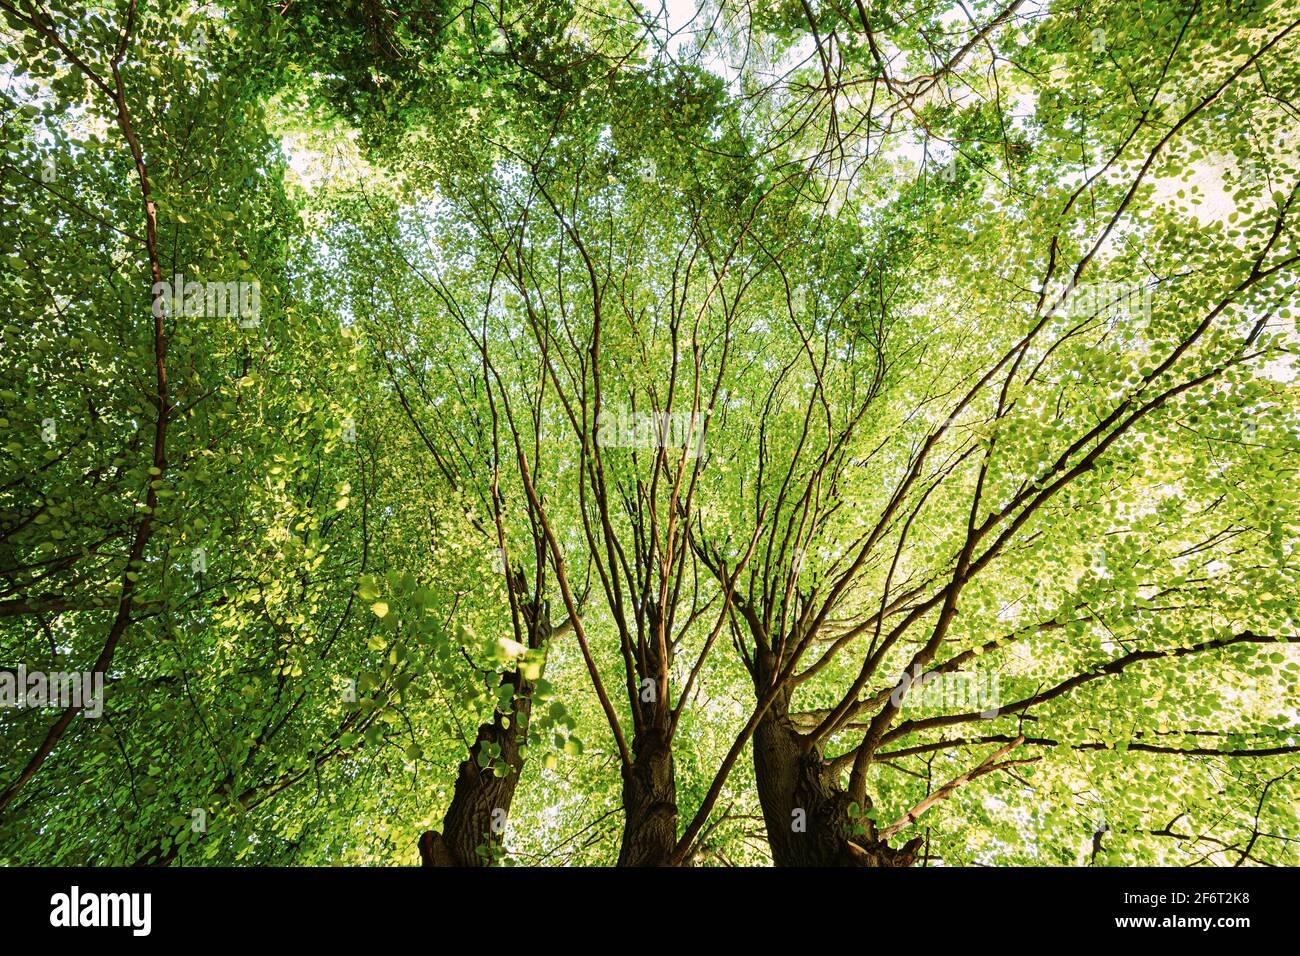 Ciel vert d'été de grands arbres. Forêt à feuilles caduques, nature d'été à Sunny Day. Branches supérieures de l'arbre avec feuillage vert frais. Vue en angle bas. Banque D'Images